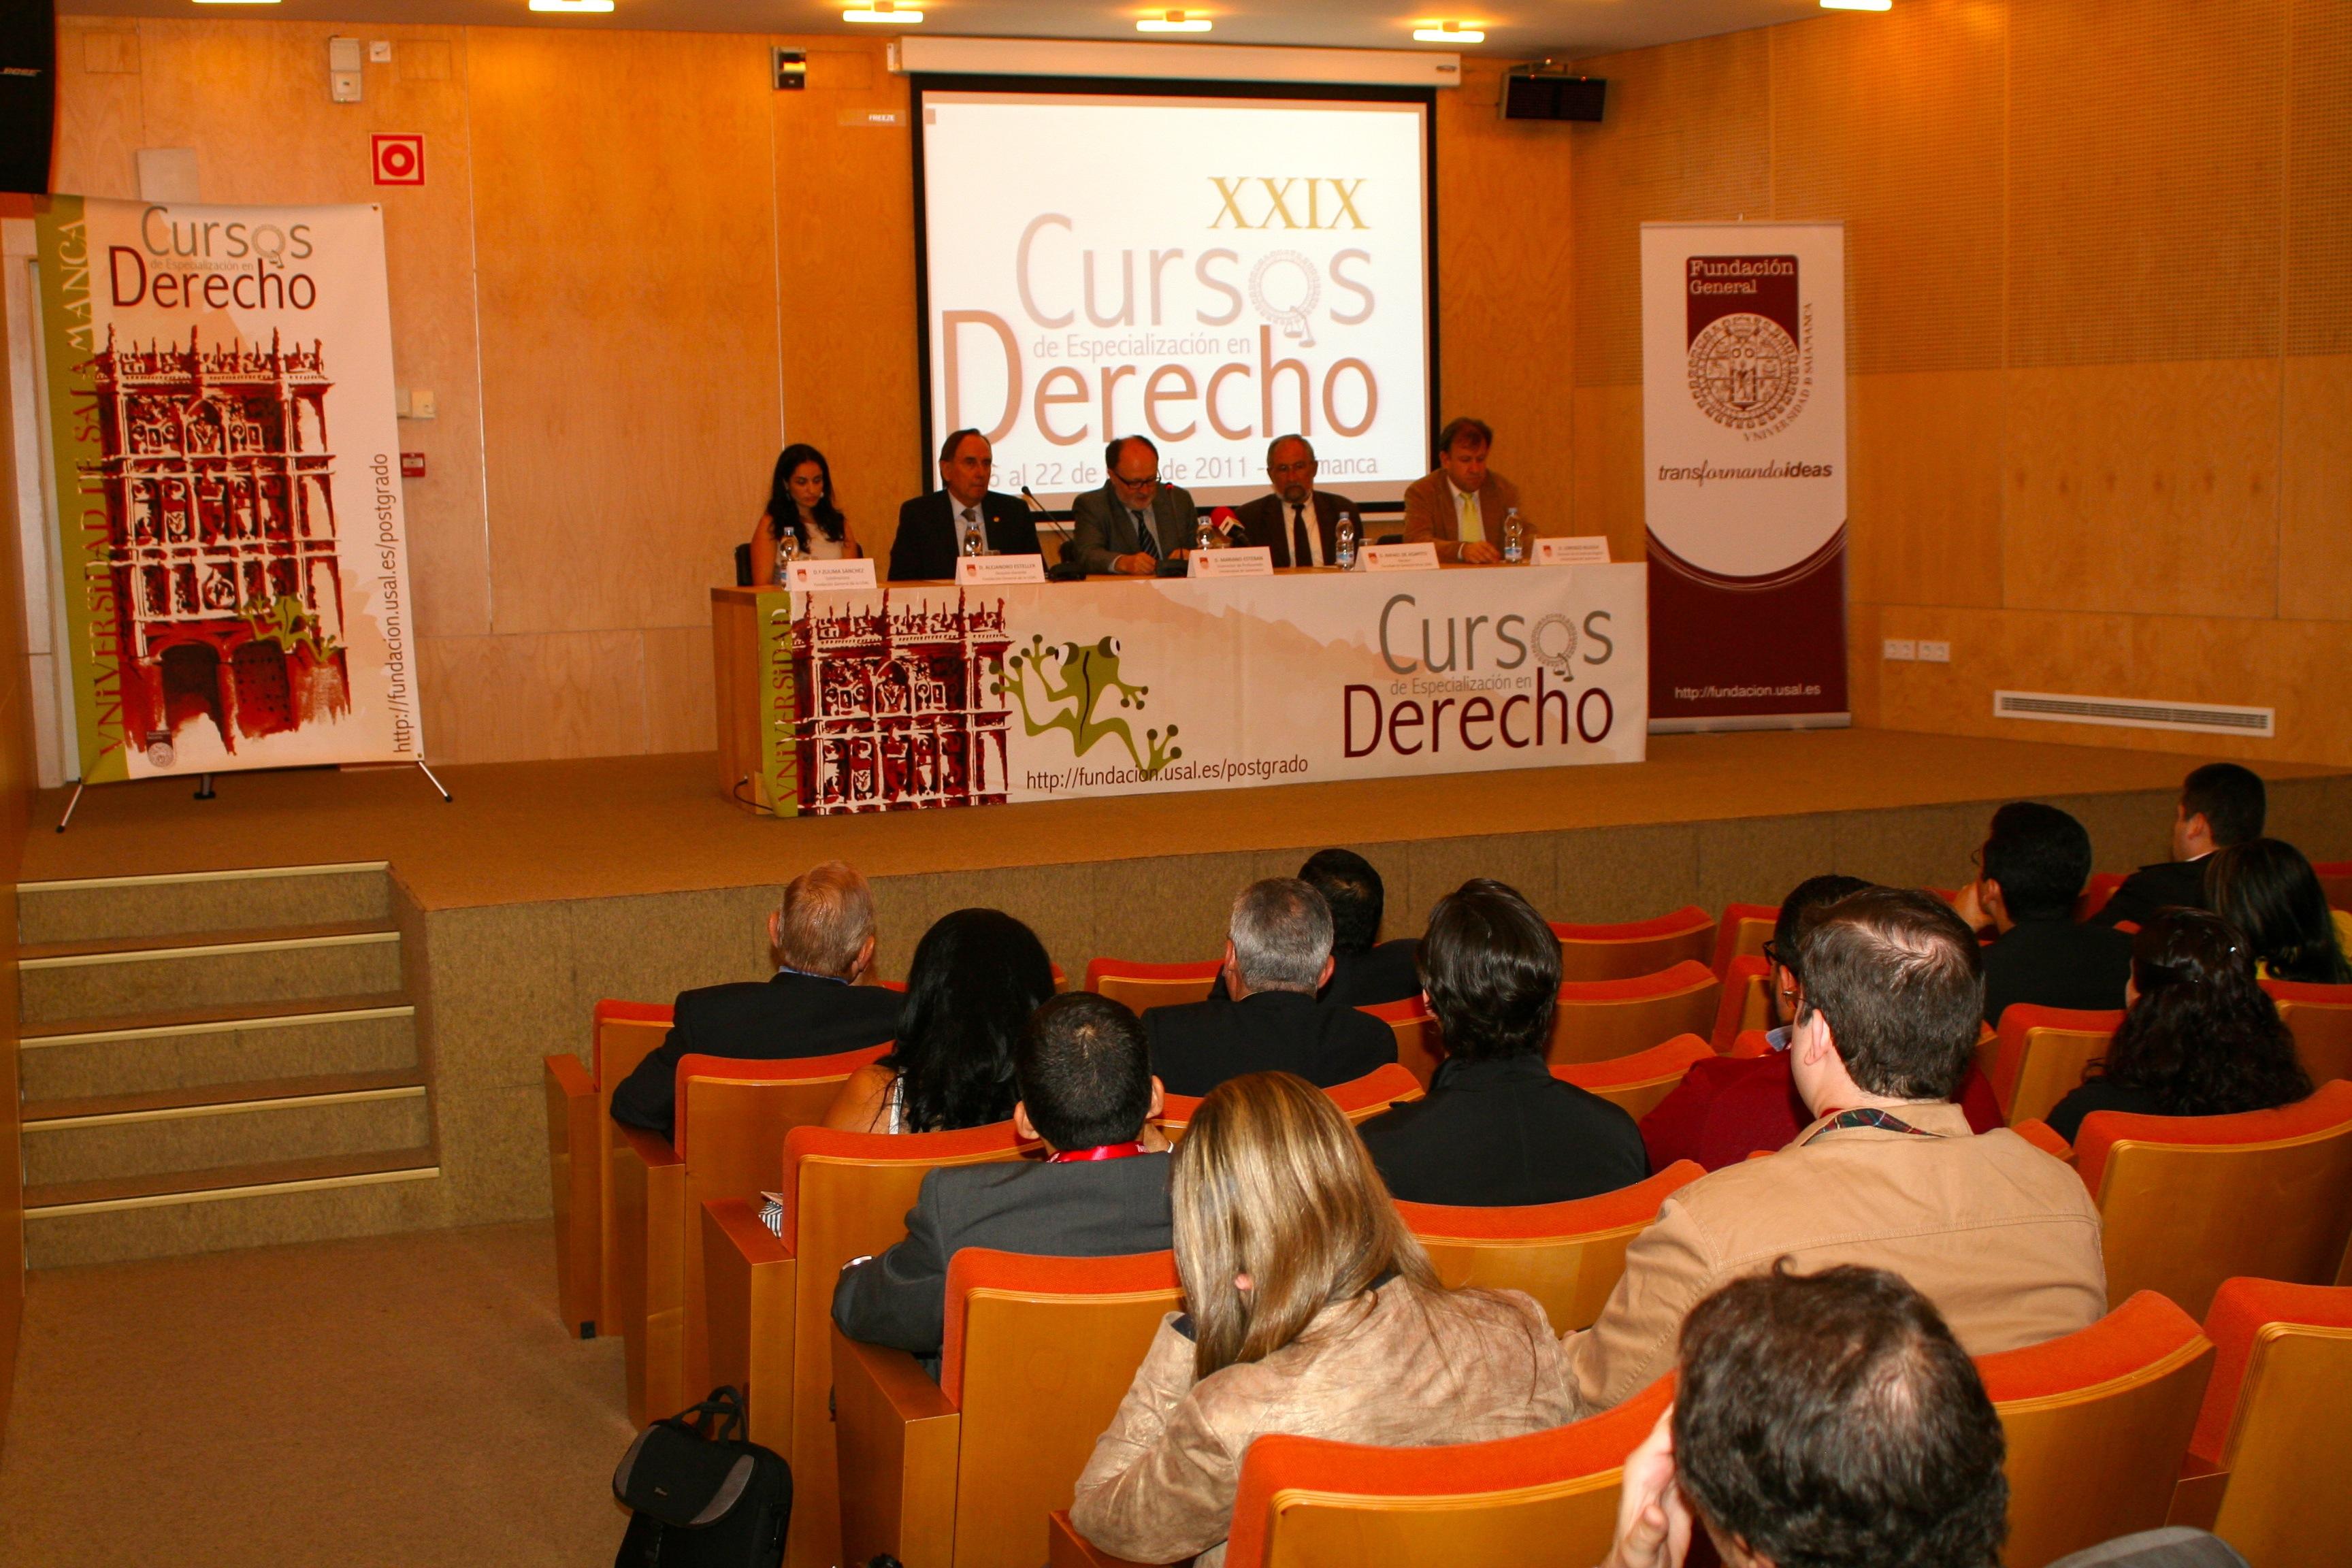 Inauguración de los XXIX Cursos de Especialización en Derecho de la Universidad de Salamanca